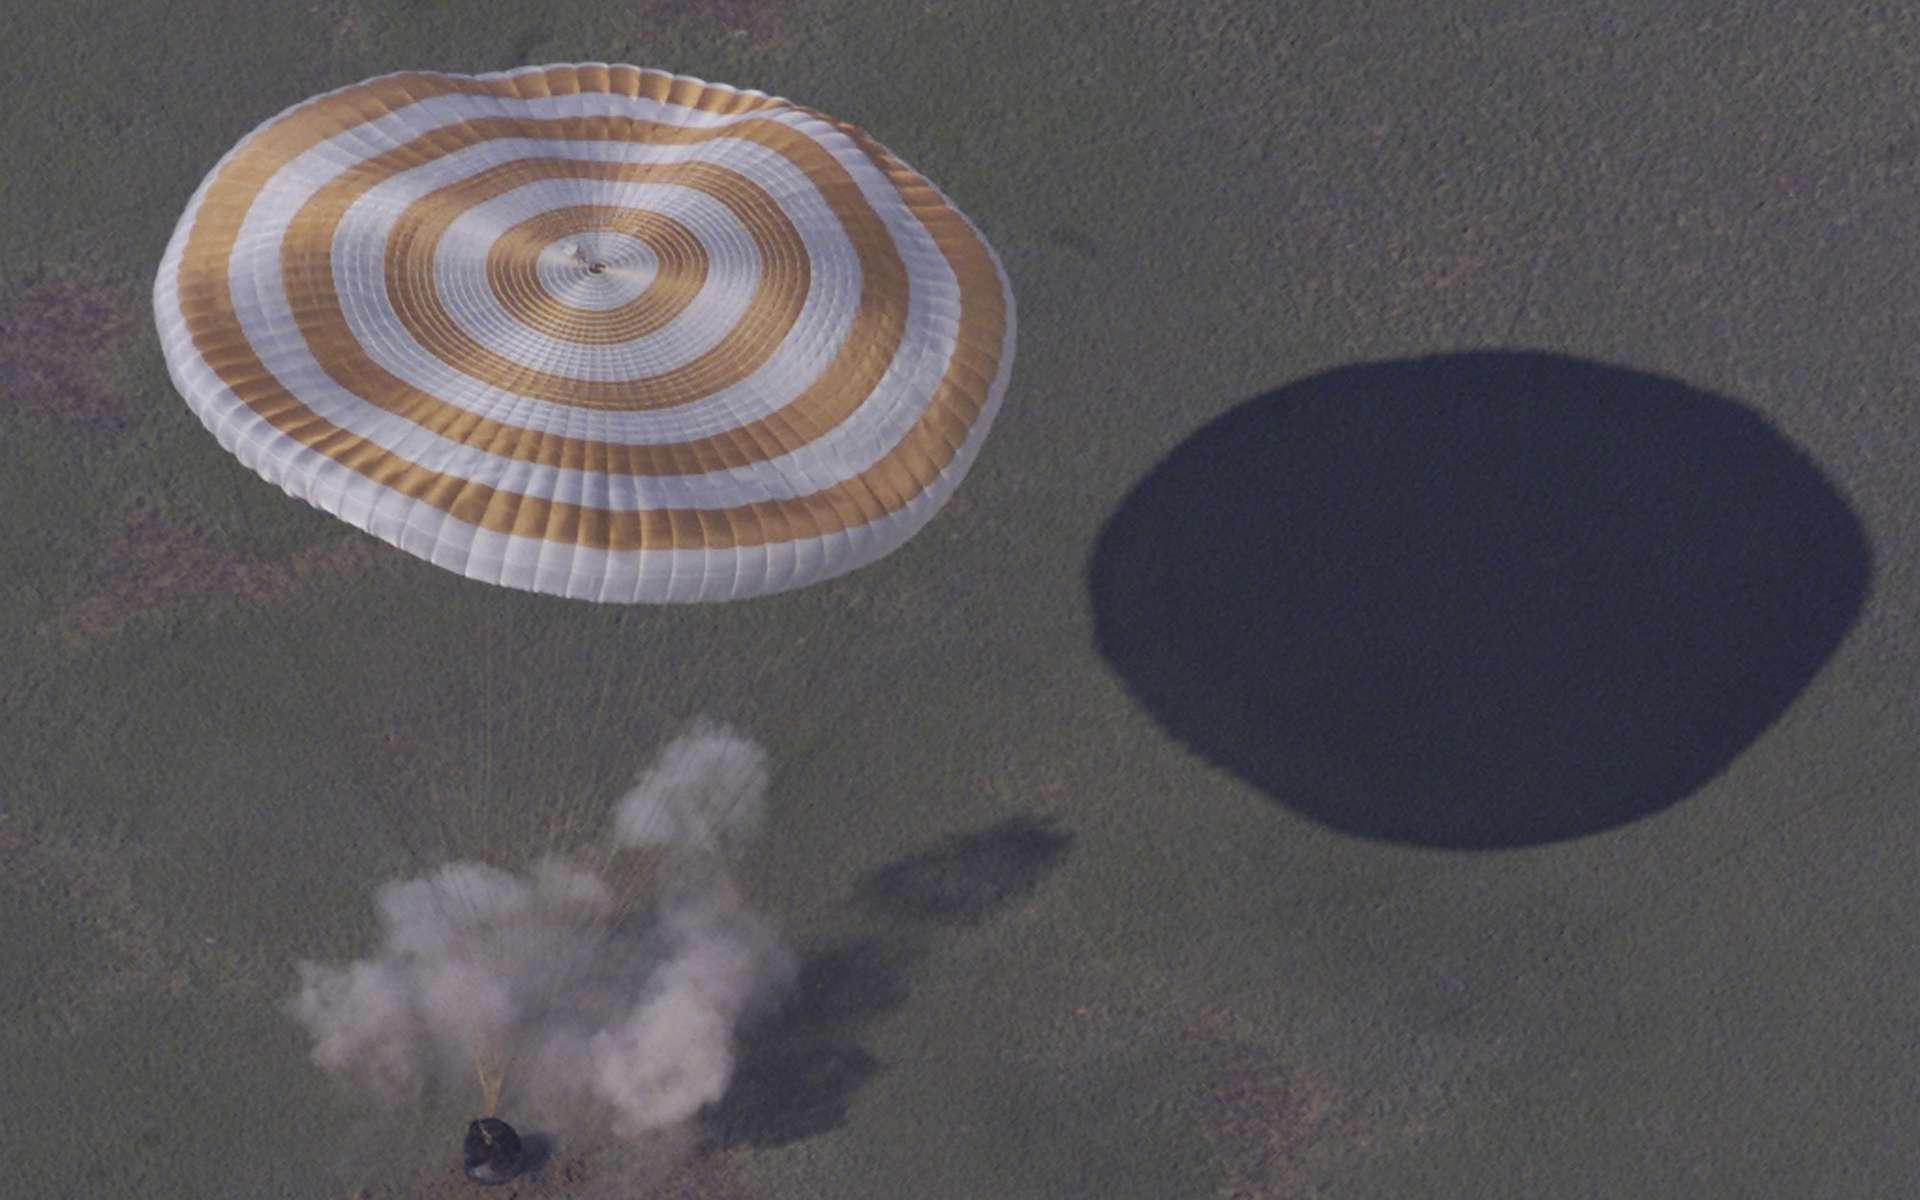 Parachute ouvert, atterrissage d'une capsule Soyuz de retour de la Station spatiale internationale. © ESA, S. Corvaja